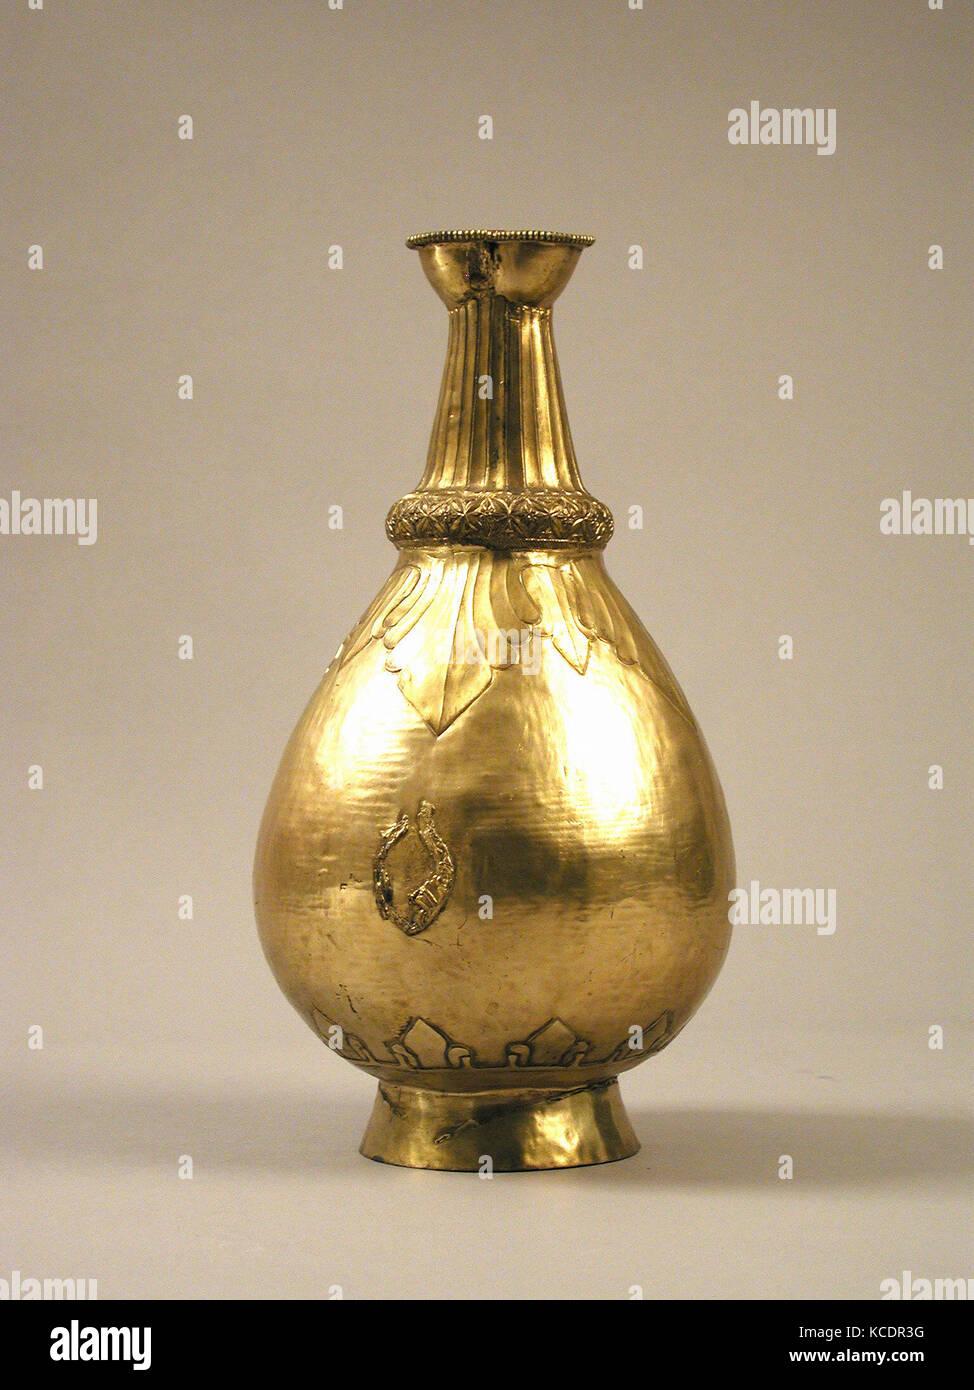 Flasche, 19. Jahrhundert, Skythen, vergoldet, Gesamt: 14 5/16 x 7 5/8 in. (36,3 x 19,4 cm), Reproduktionen - metallarbeiten Stockbild